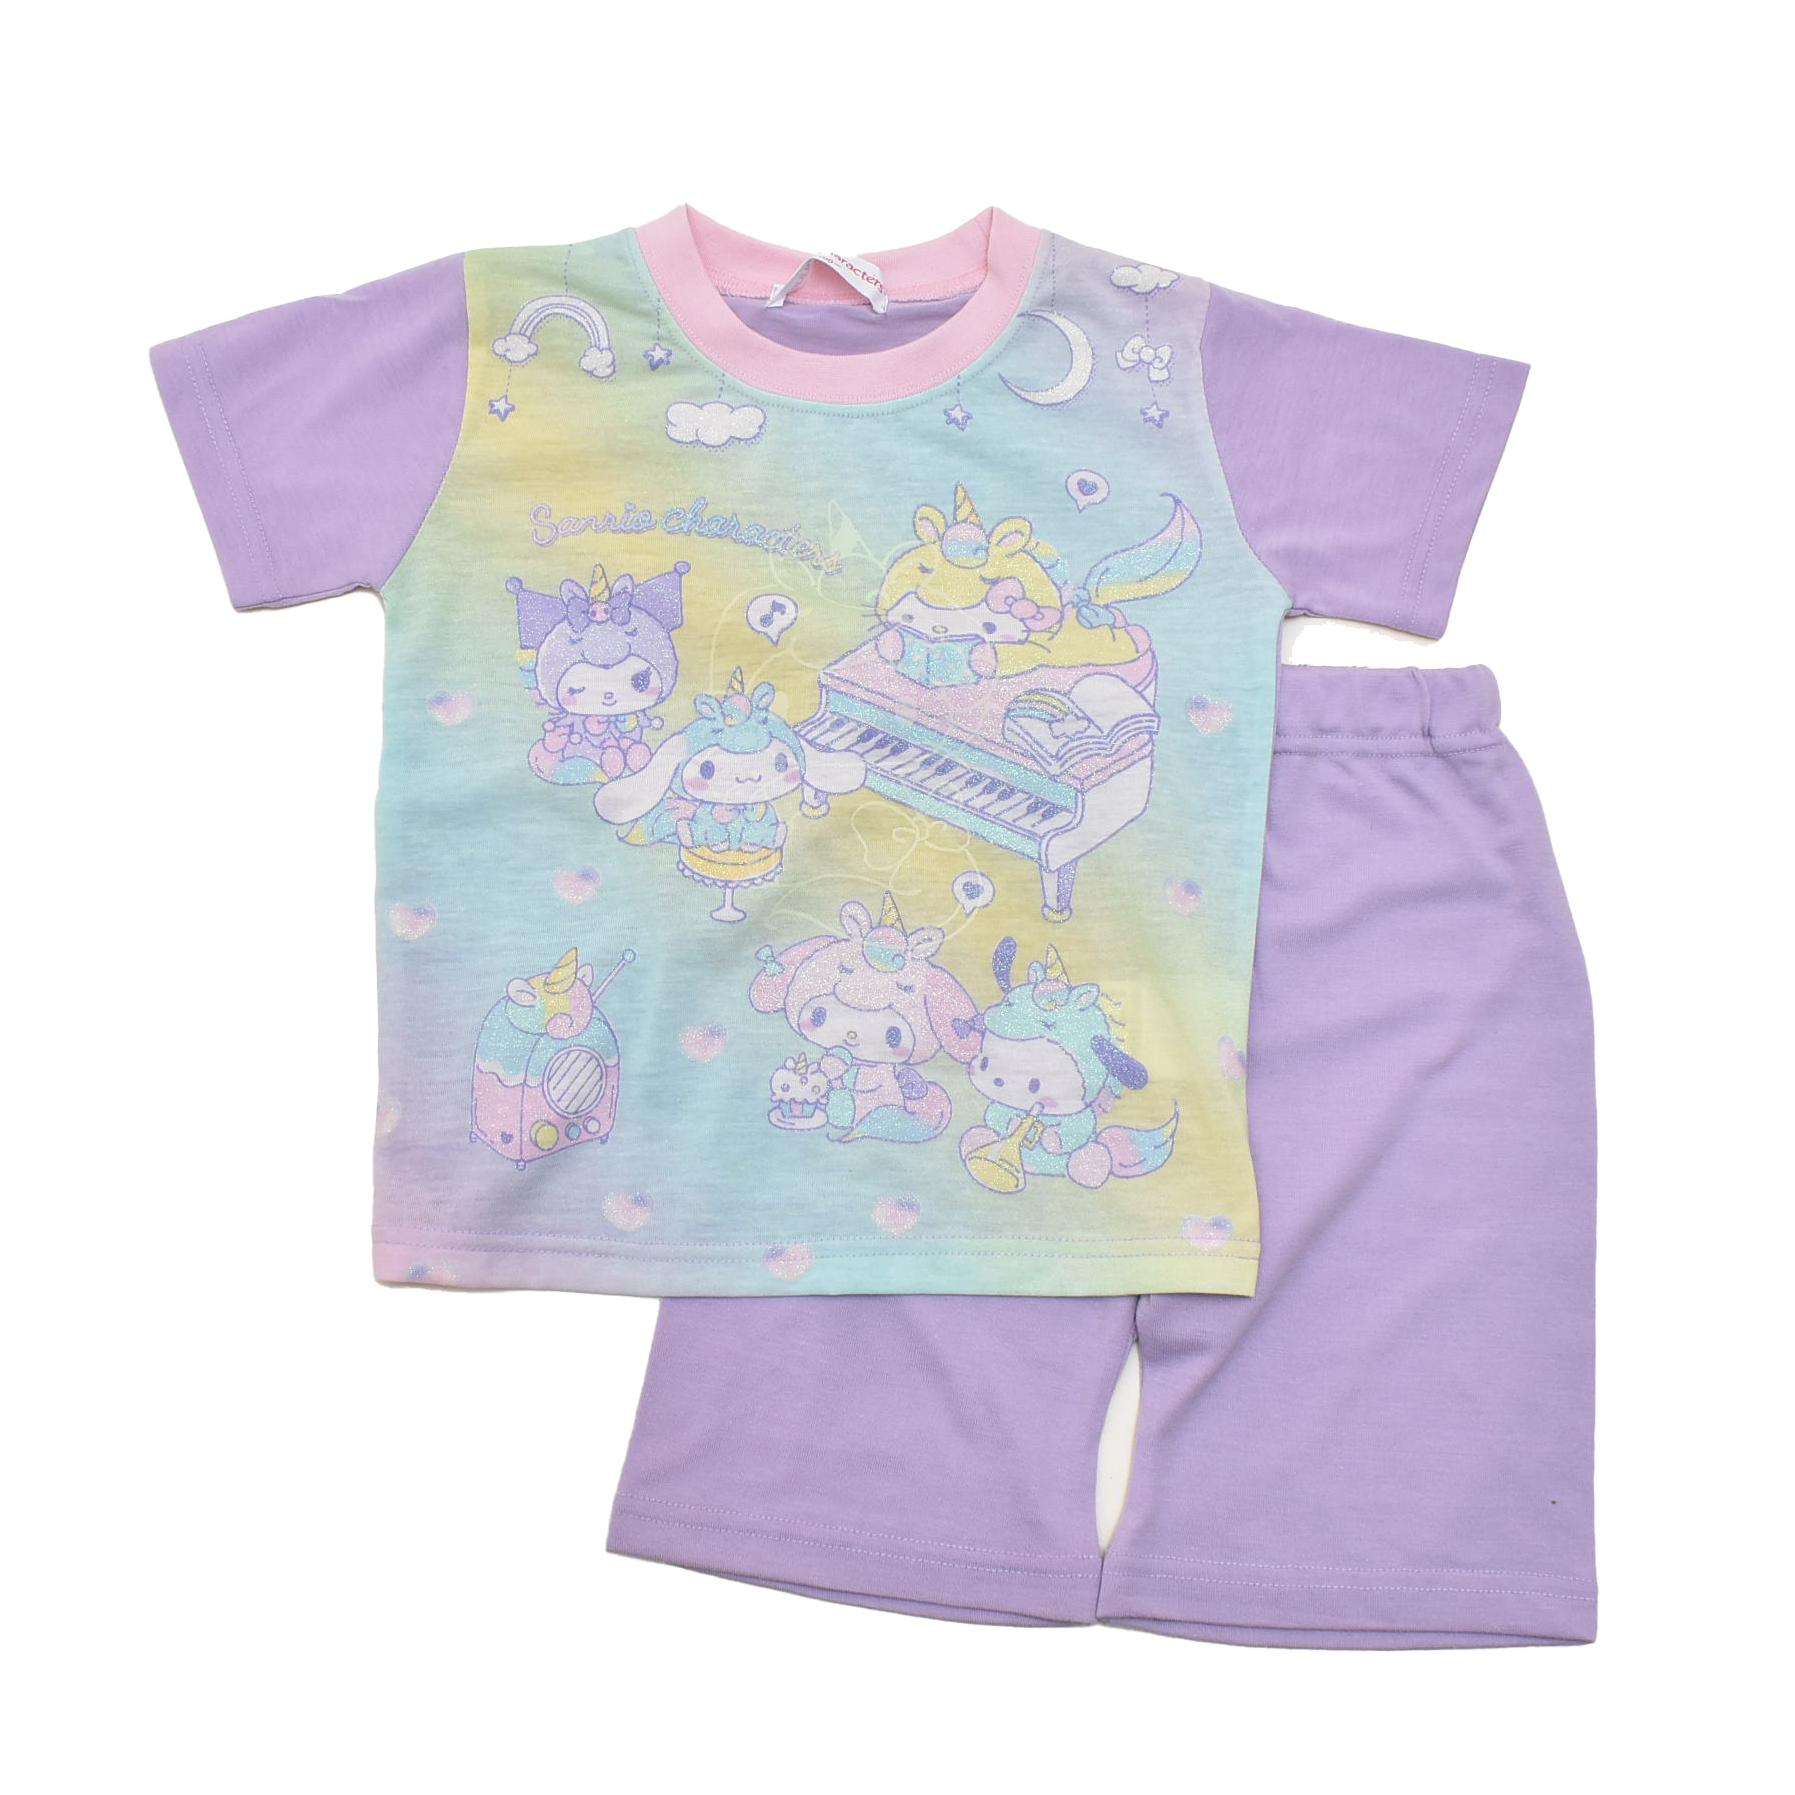 サンリオ キャラクターズ  光る 半袖Tシャツ生地のパジャマ  100-130cm(132SK0101-PP)